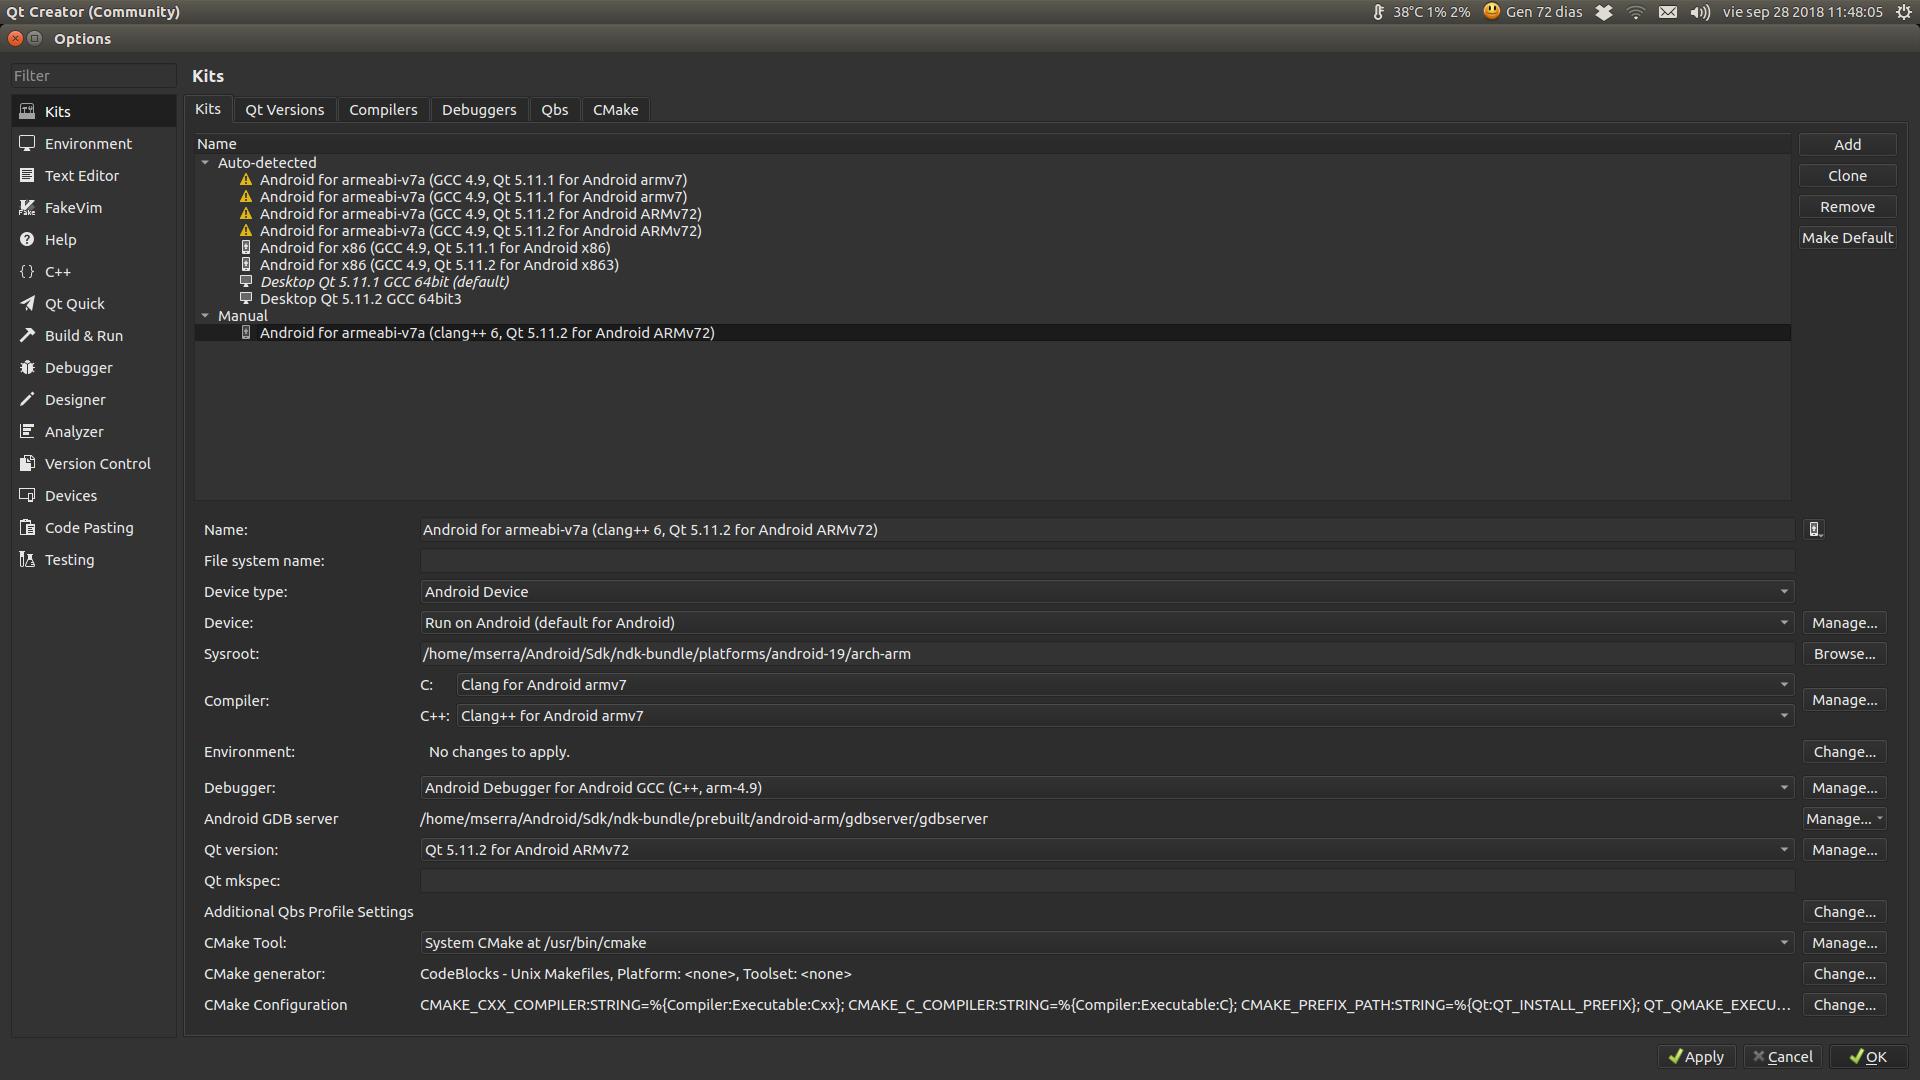 Qt creator + Android + clang | Qt Forum